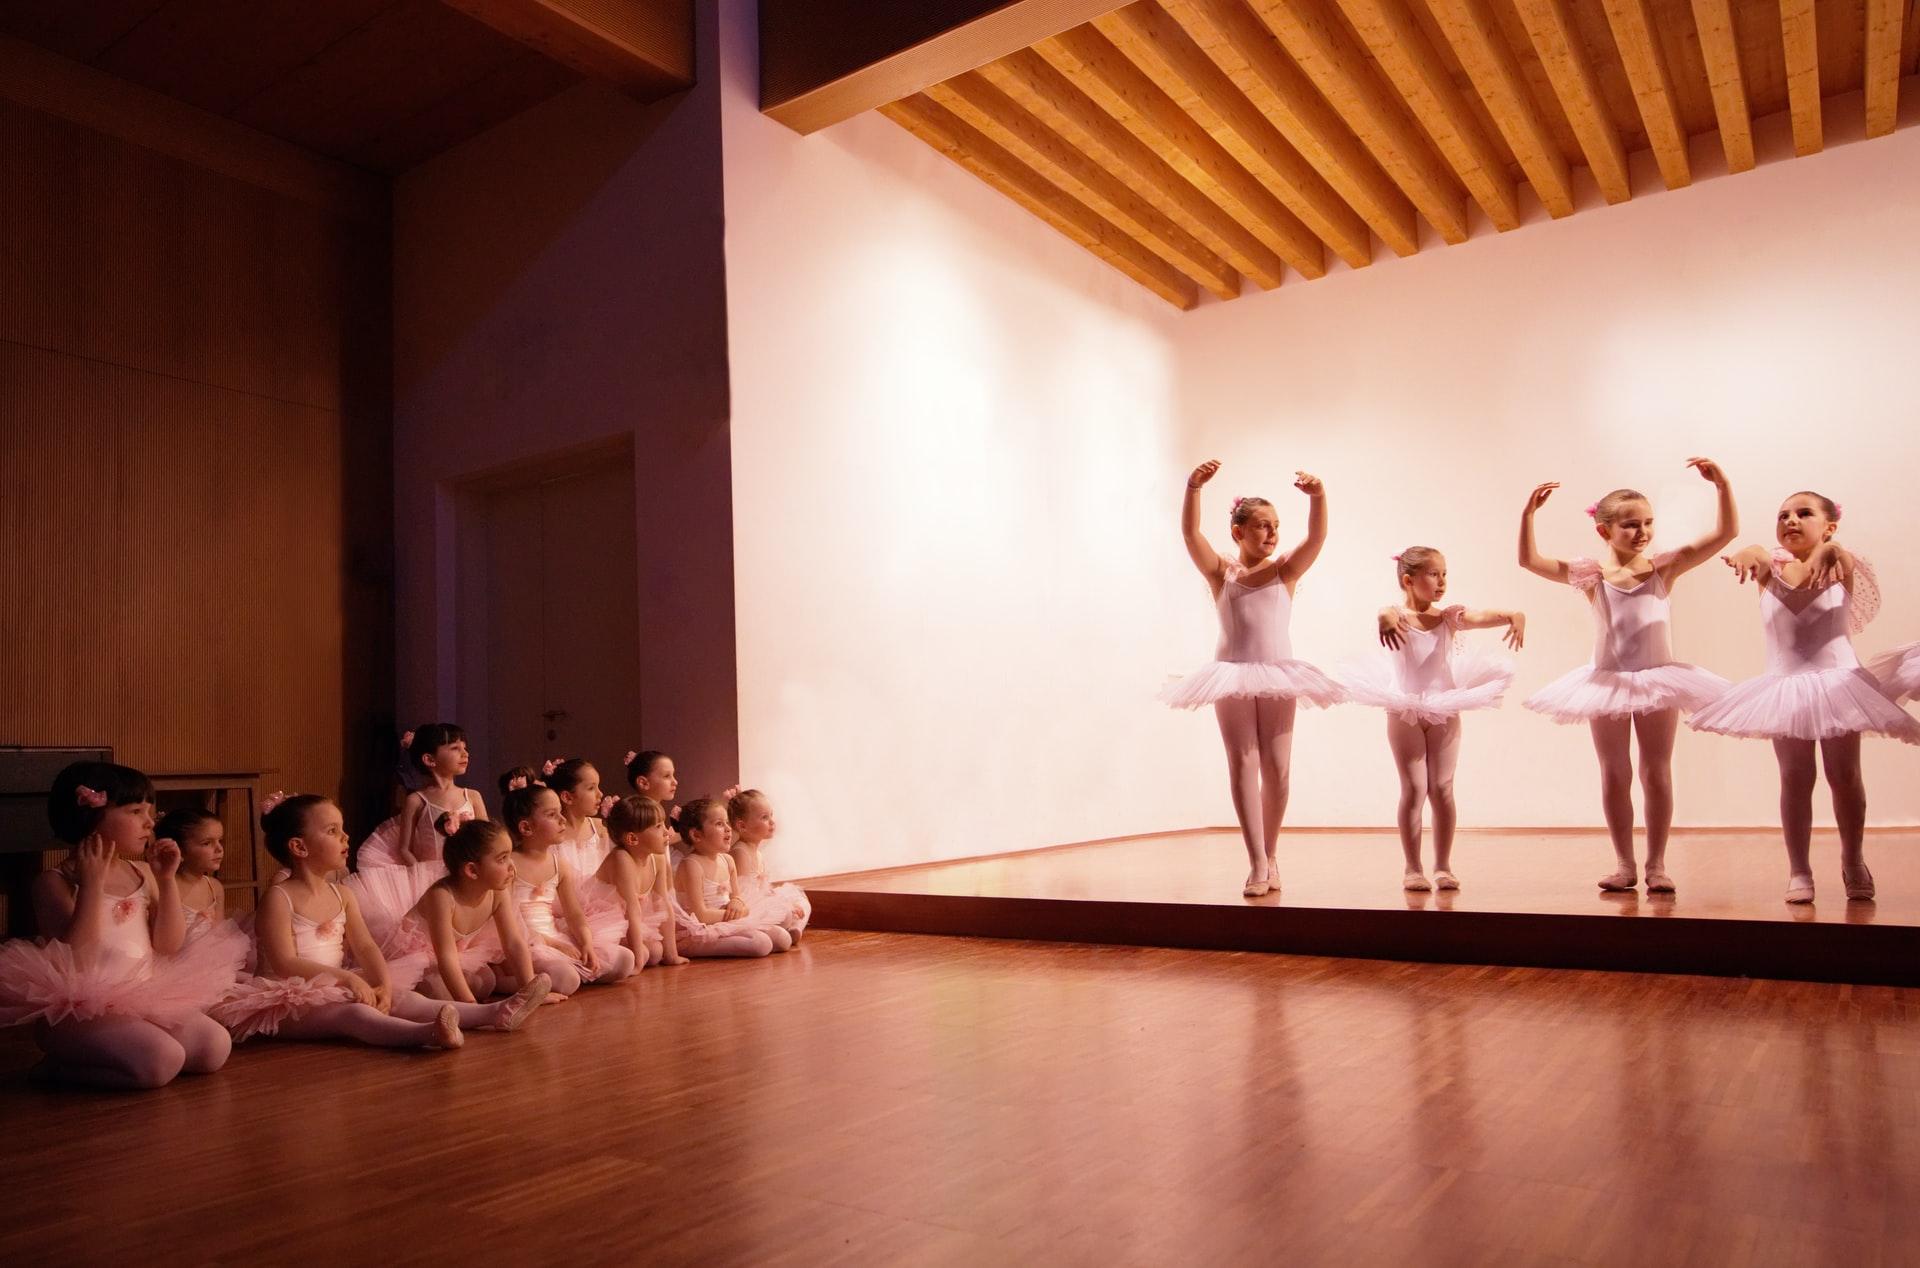 Bambini della scuola primaria fanno il saggio di danza classica livello 1